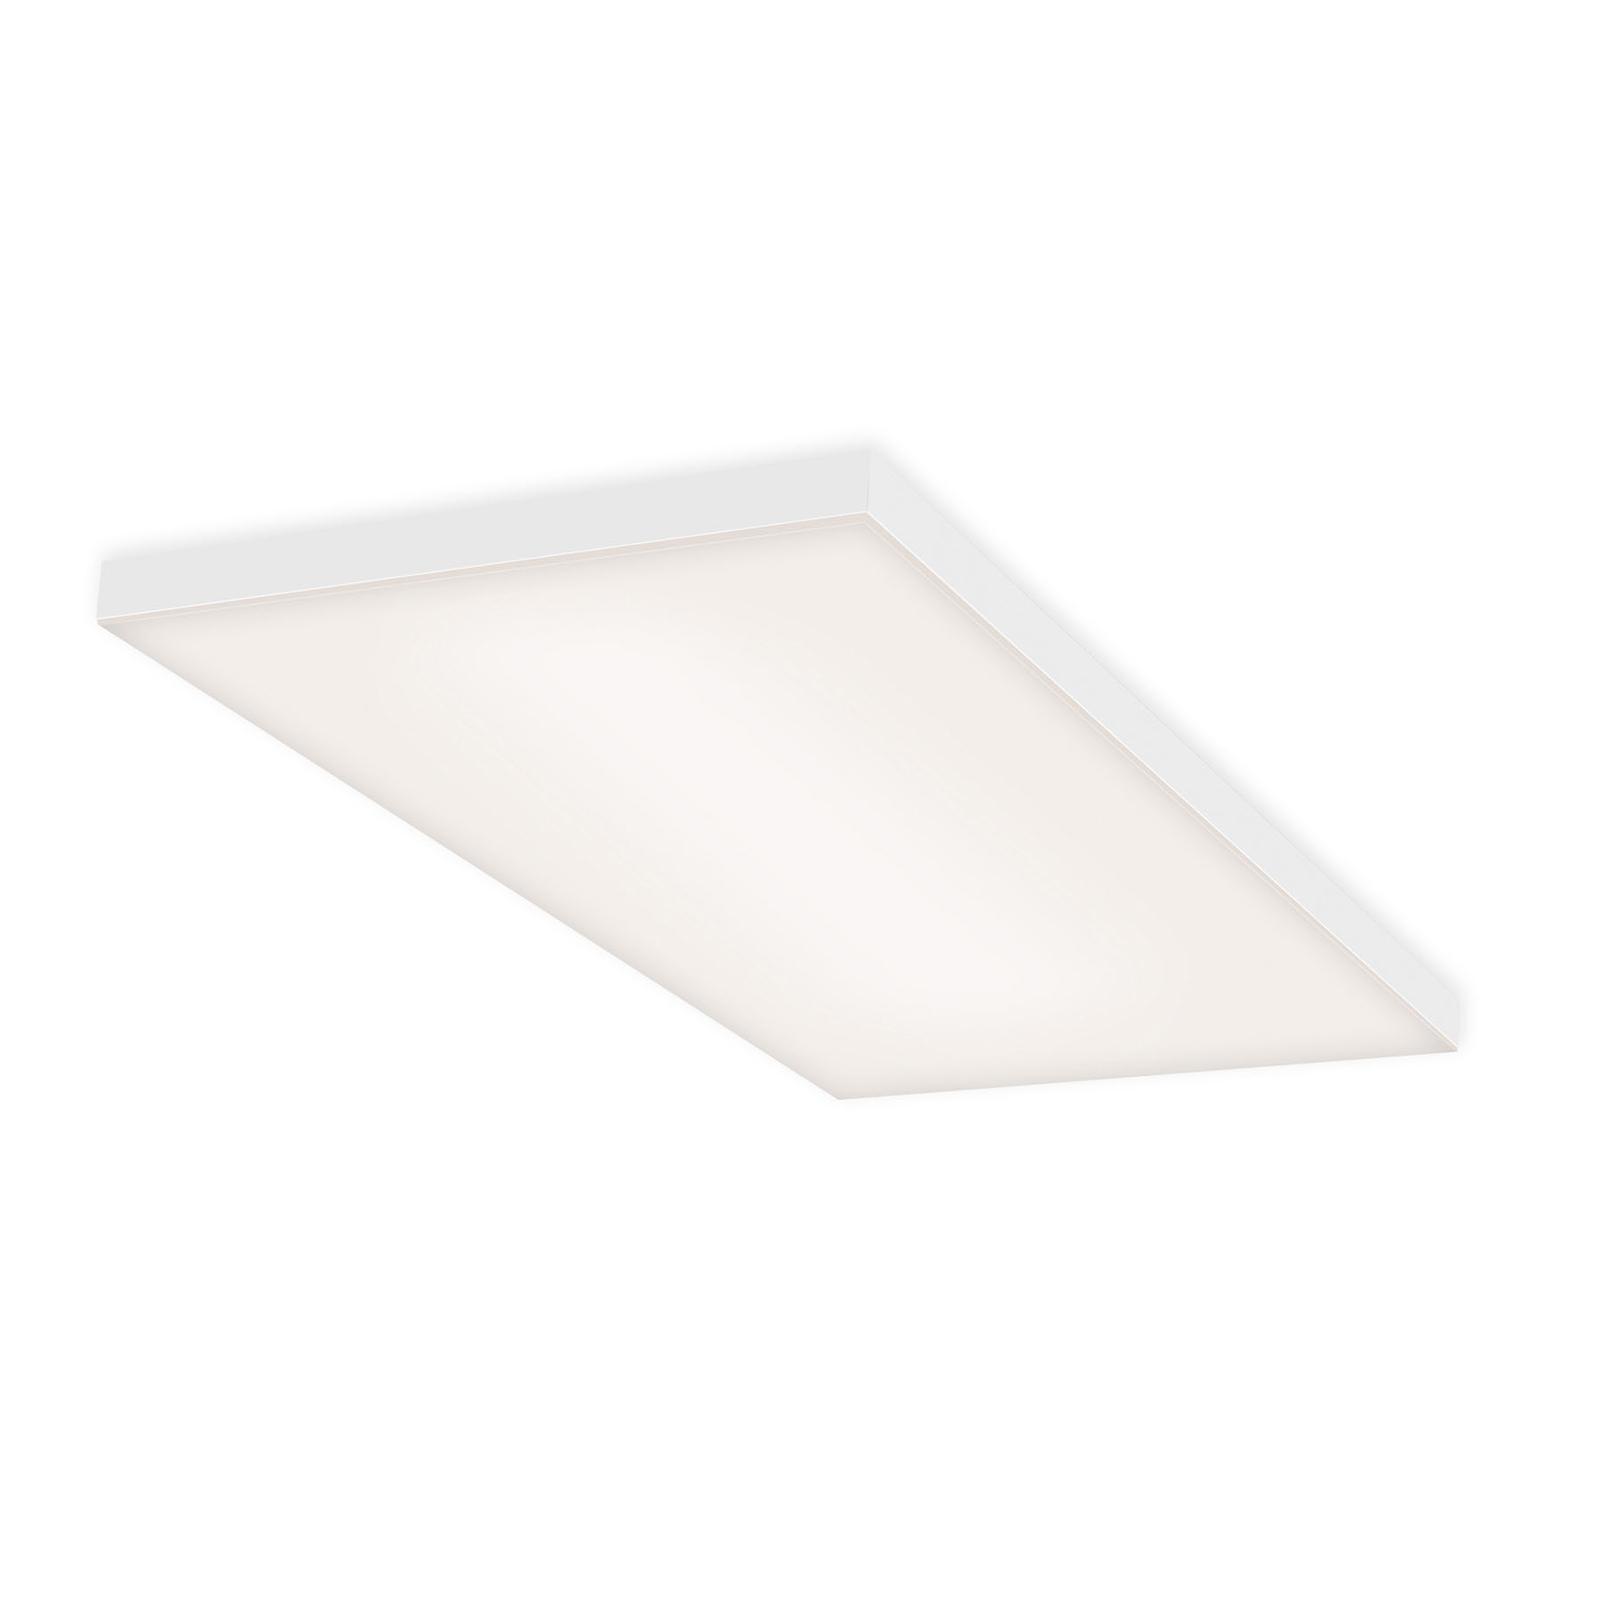 LED-taklampe Frameless RGBW, 60x30cm